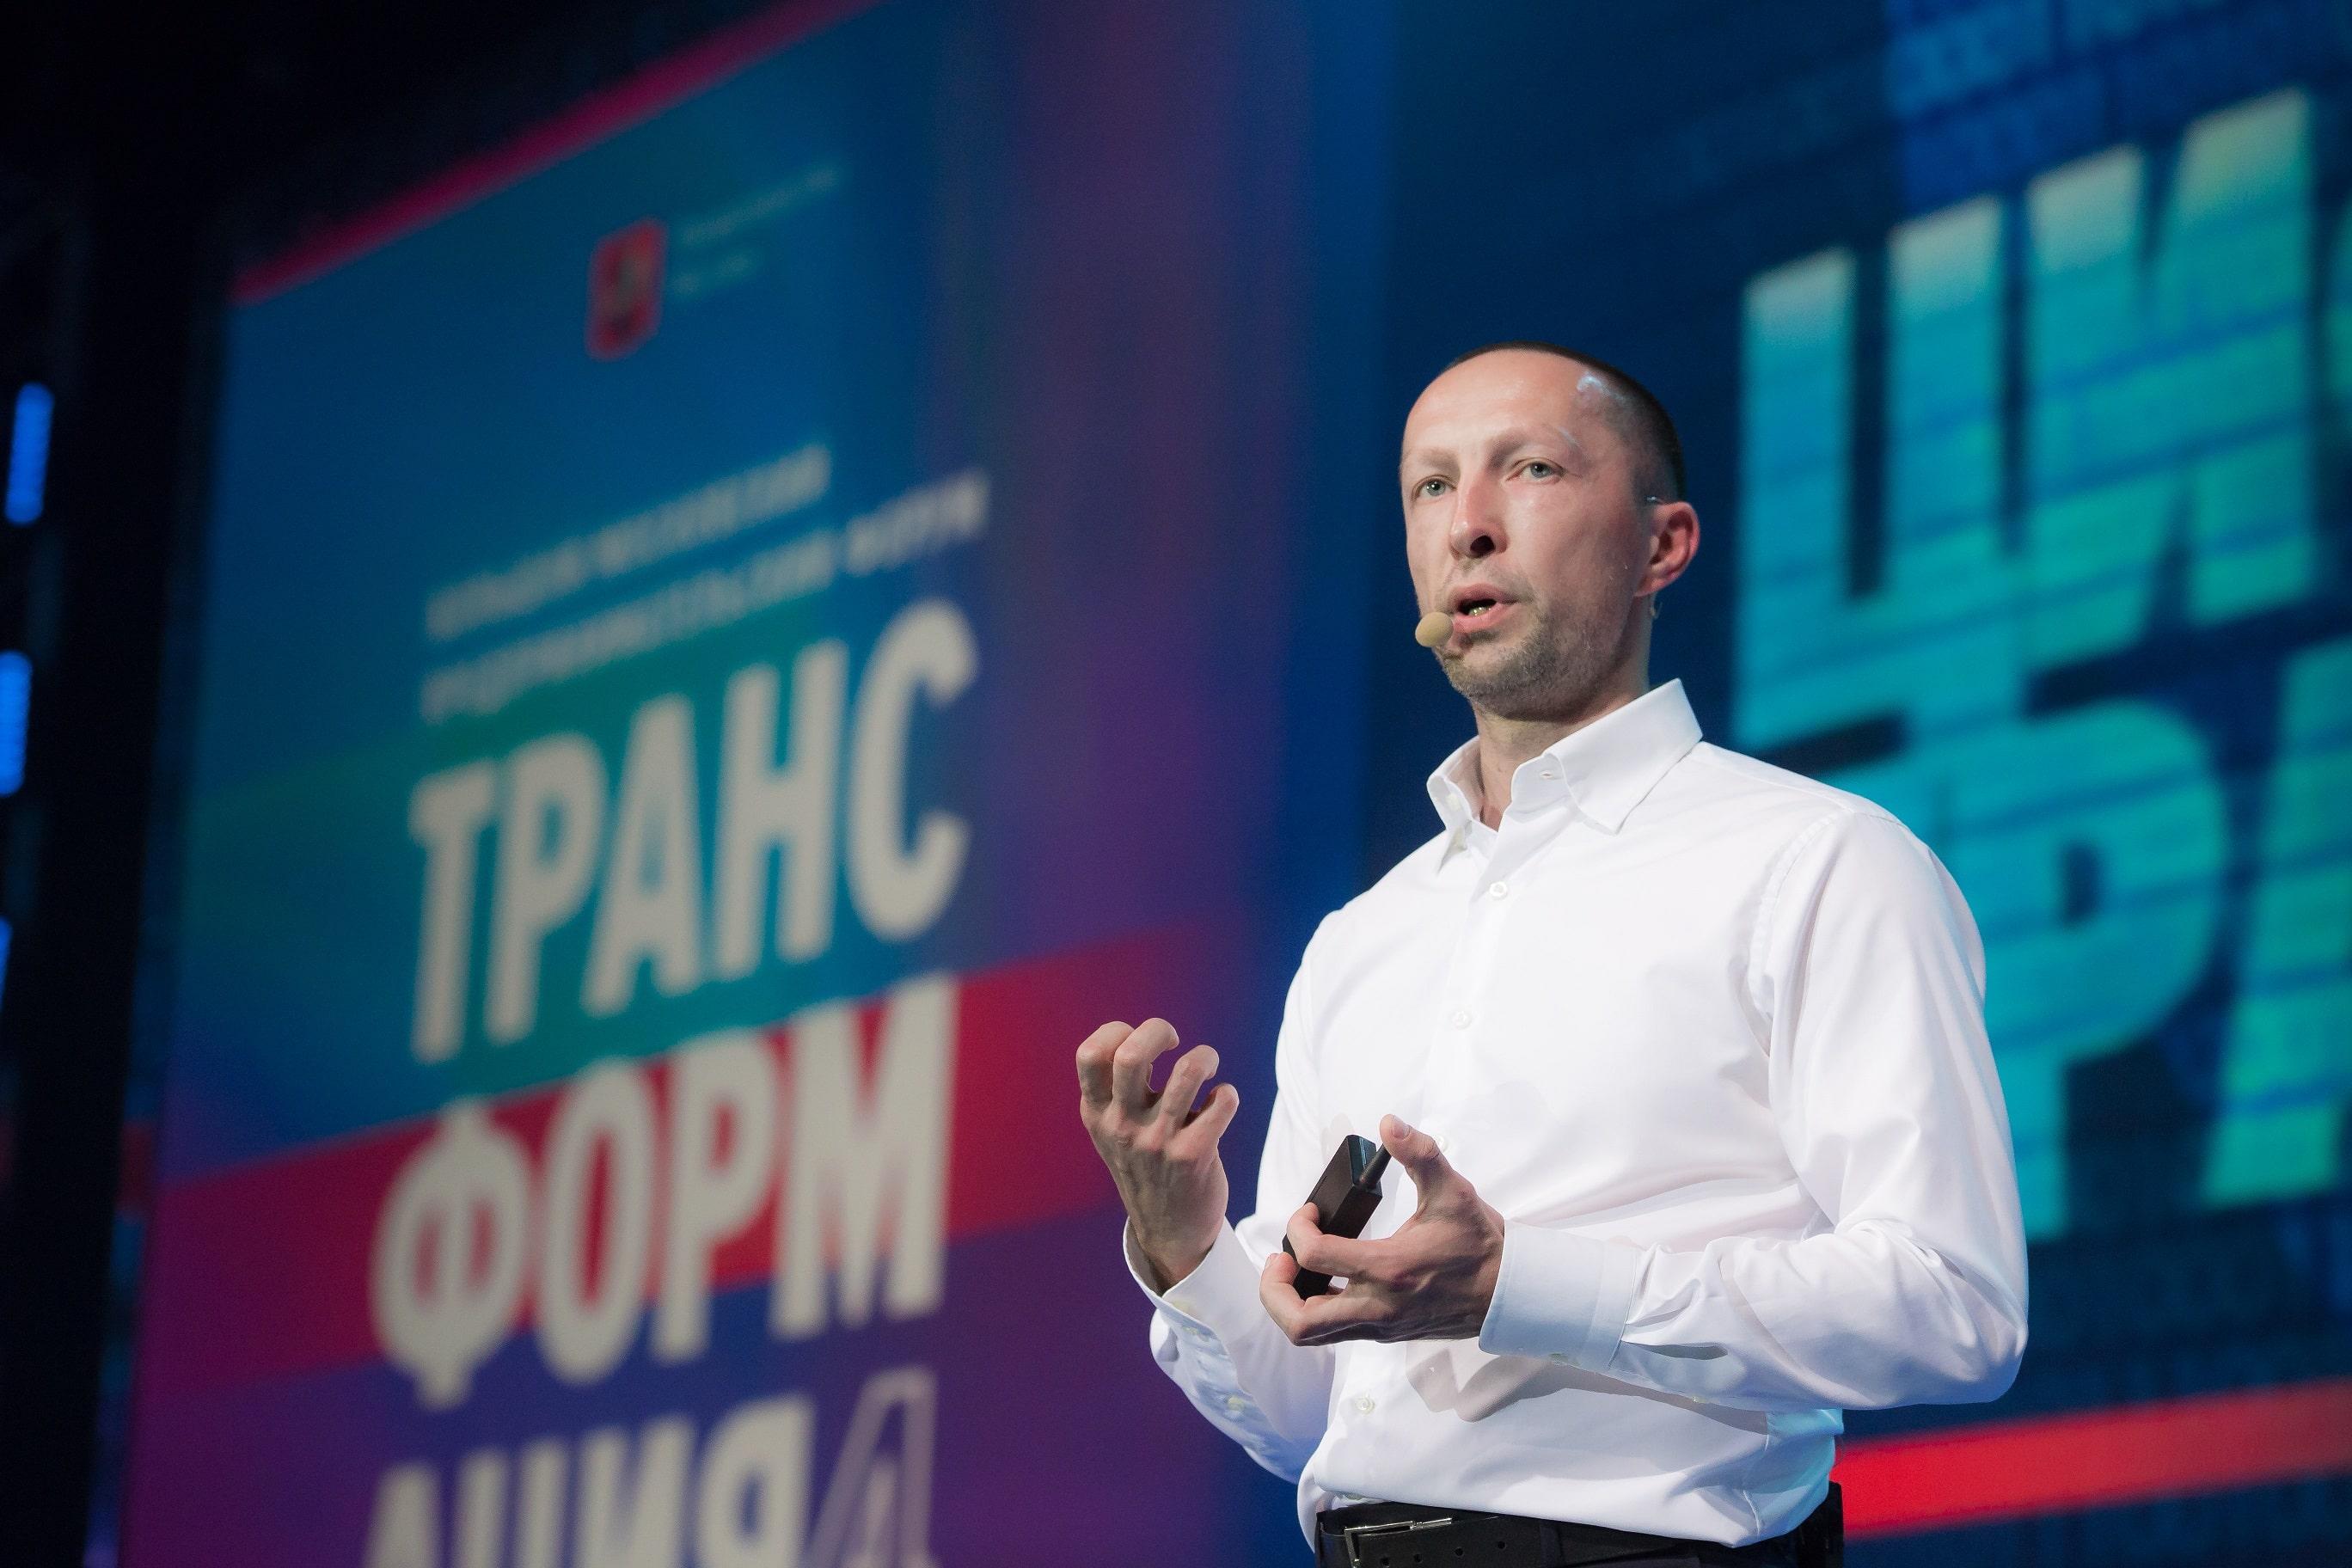 На форуме «Трансформация 4» Вадим Лобов выступил с лекцией о развитии технологий